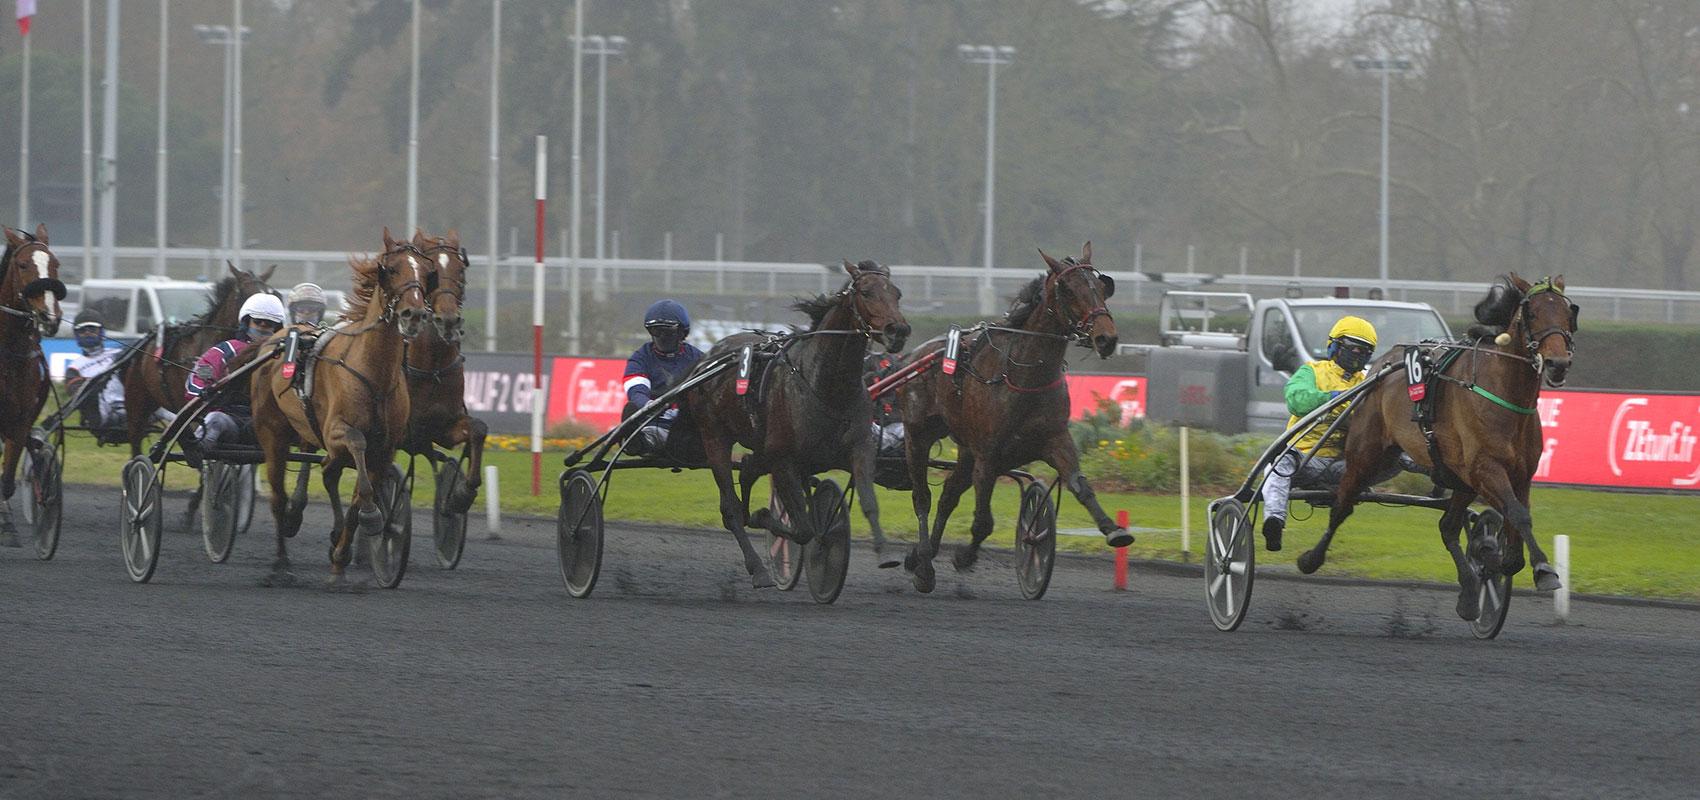 Prix d'Amérique Races ZEturf Qualif #2: Face Time Bourbon, simply the boss!